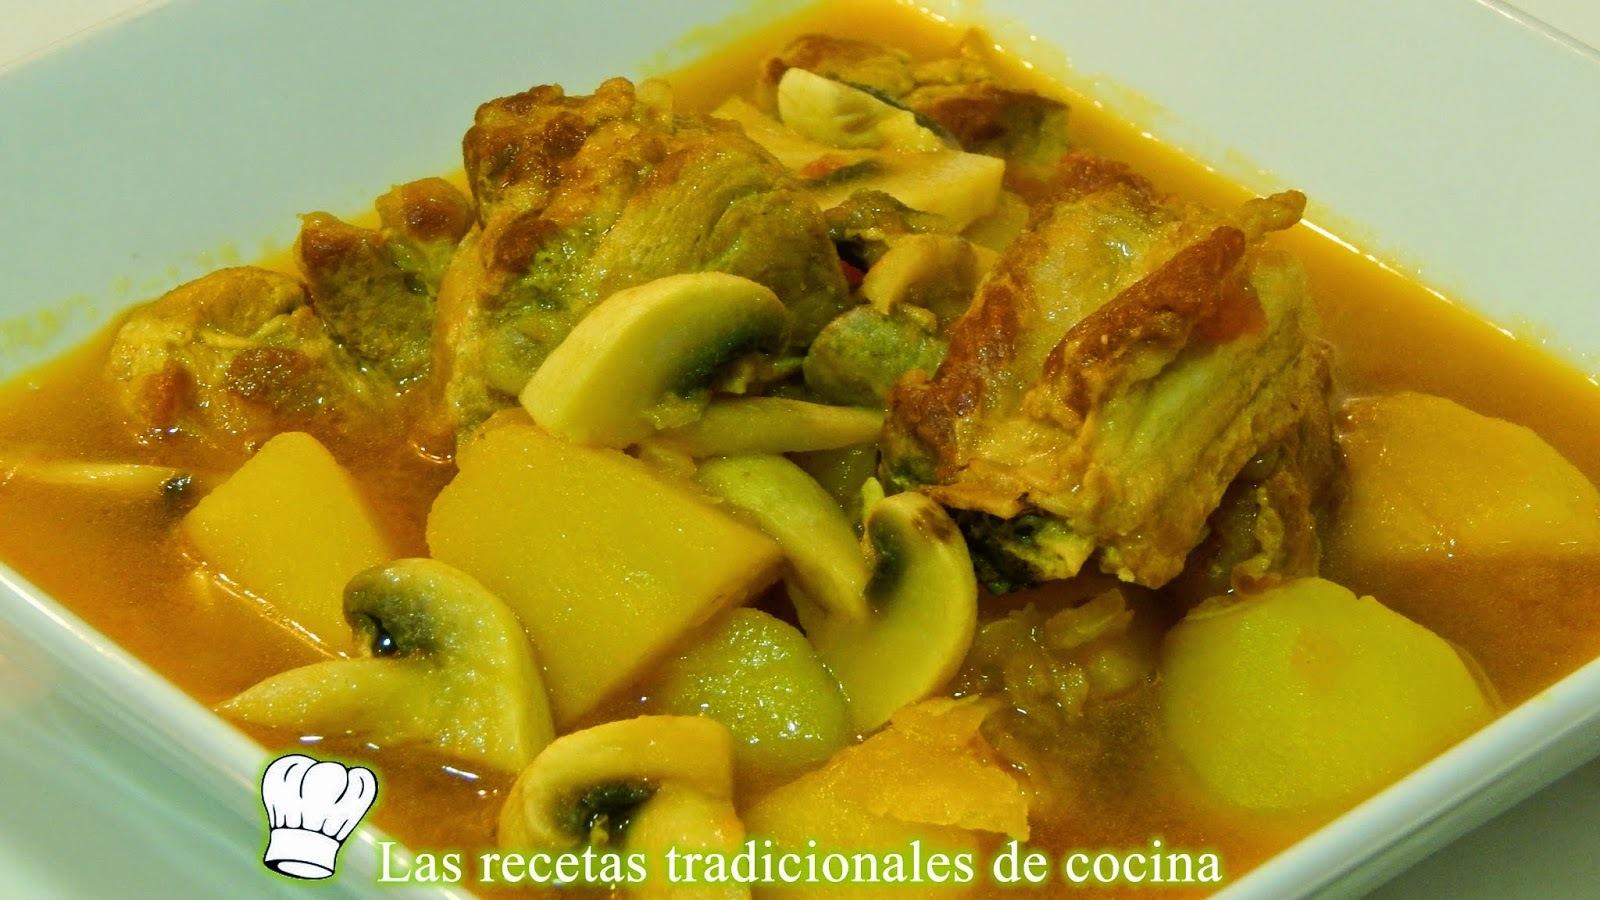 Receta de guisado de costillas con champiñones y patatas